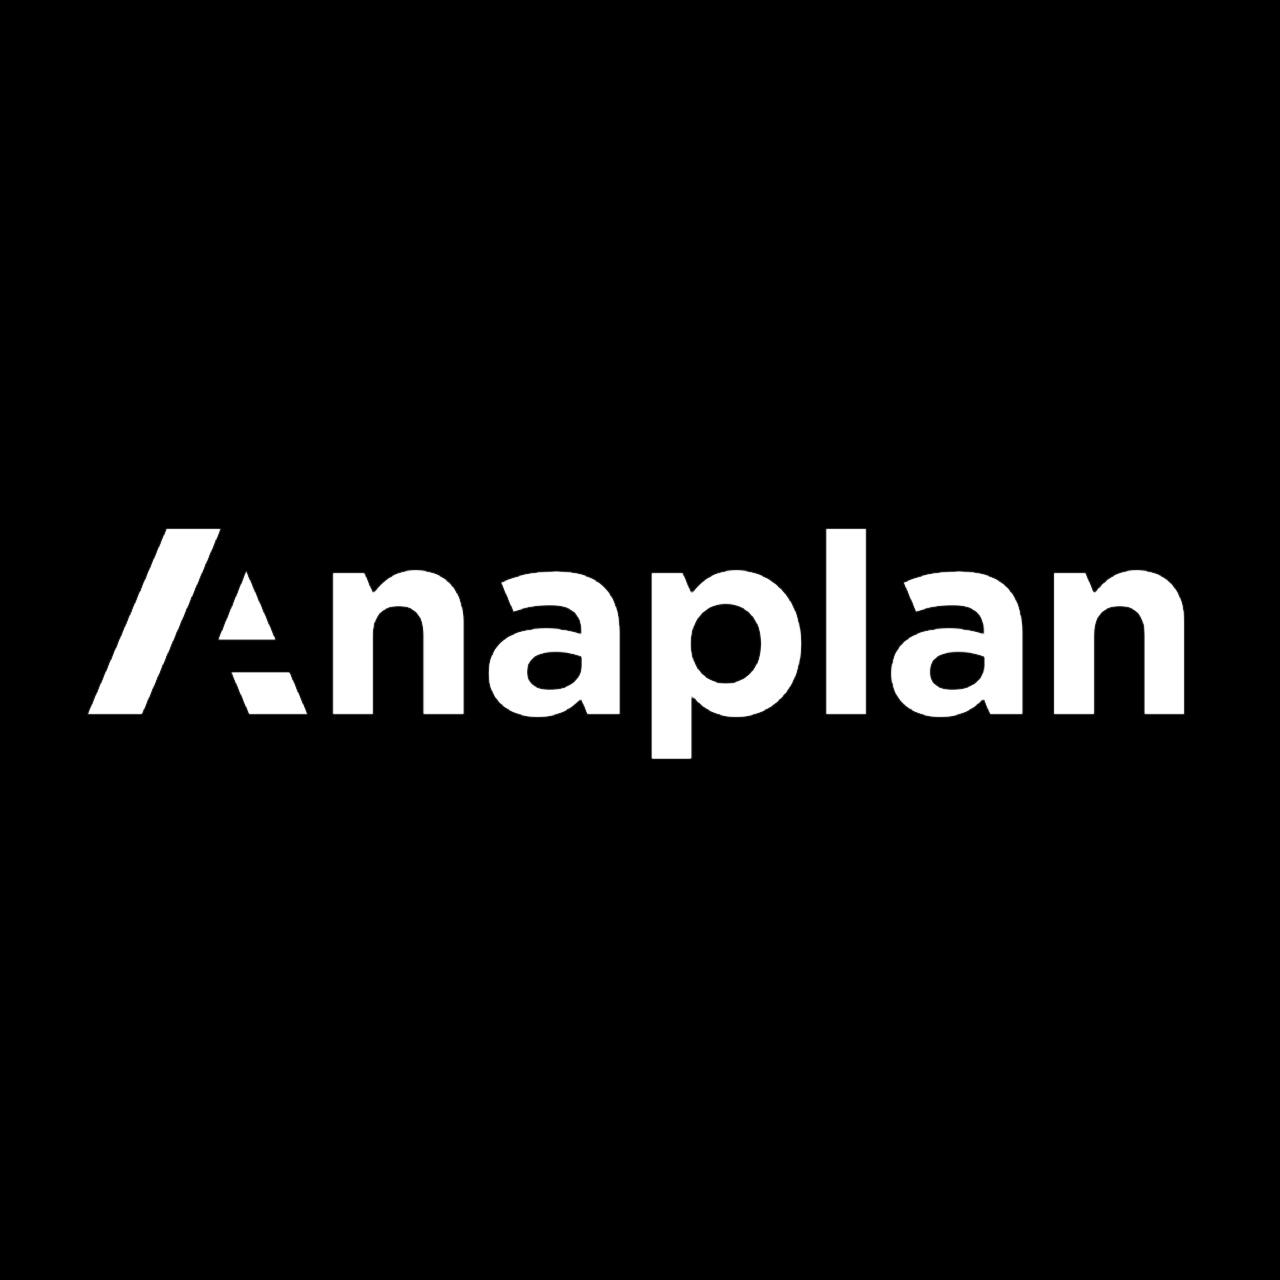 anaplan black.jpg